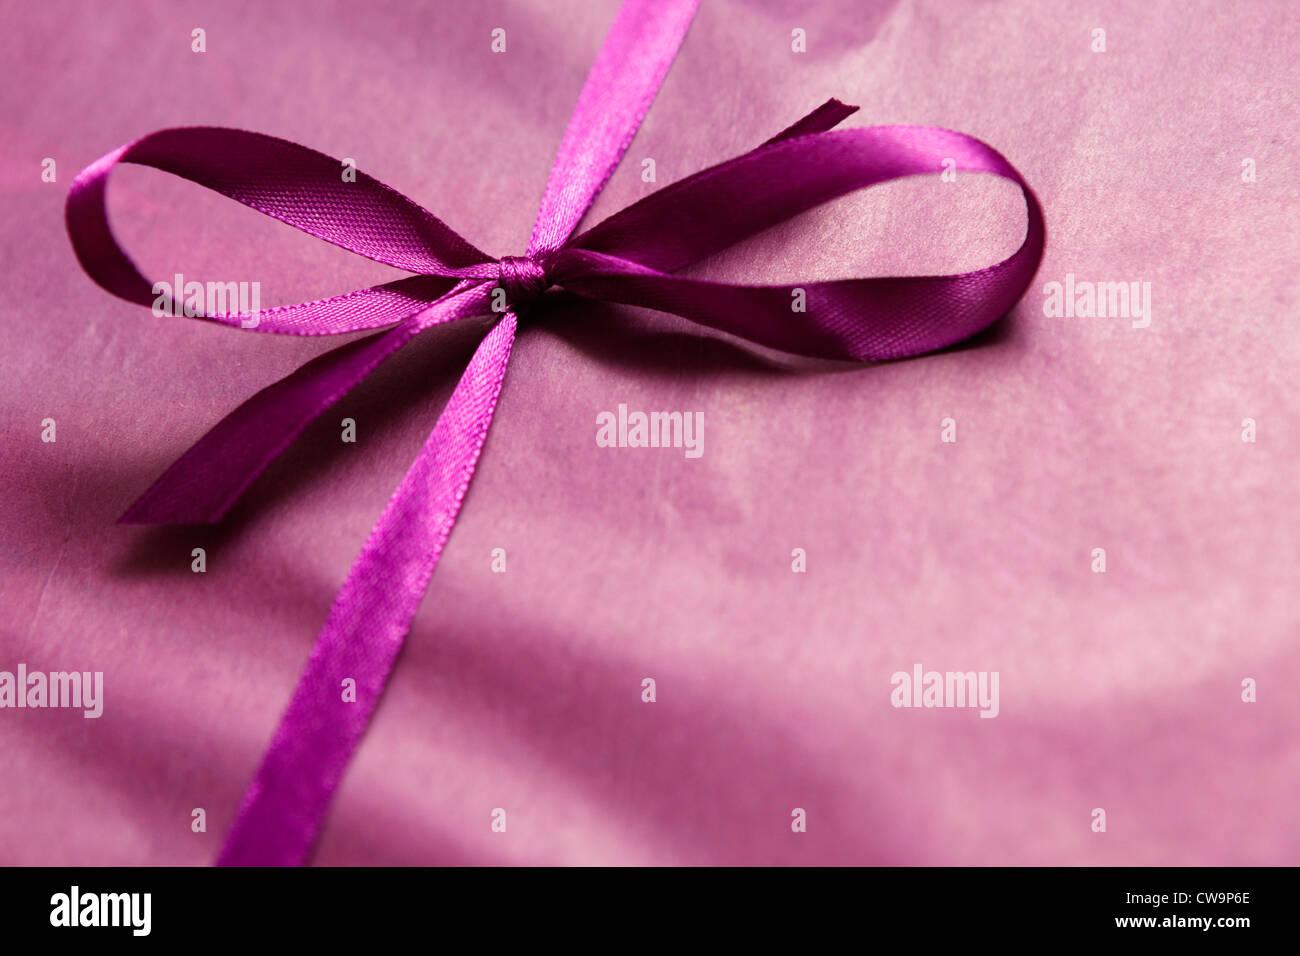 Un regalo envuelto en papel de seda y púrpura lazo de raso Imagen De Stock